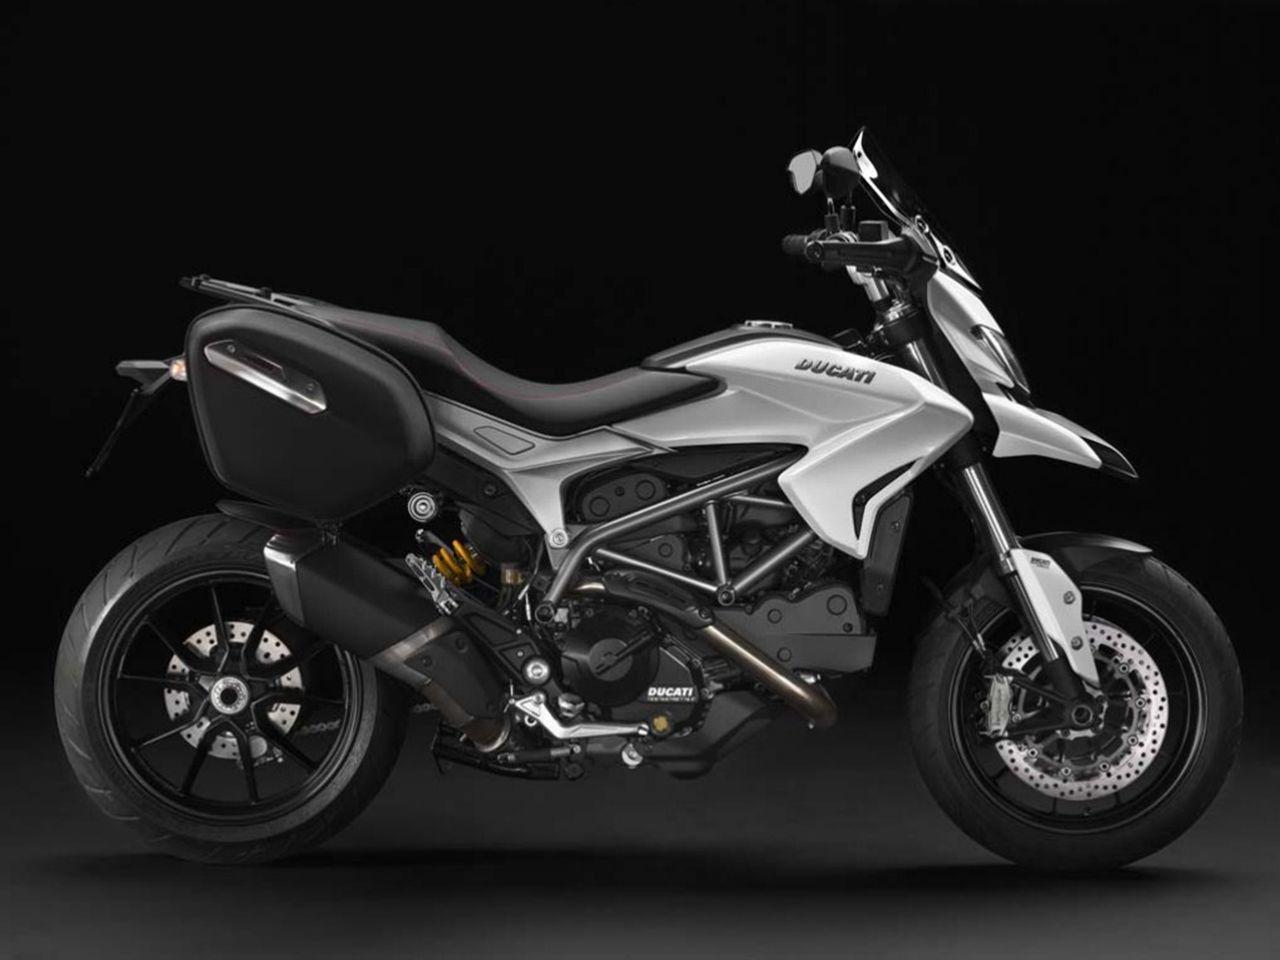 Ducati Hyperstrada Exhaust